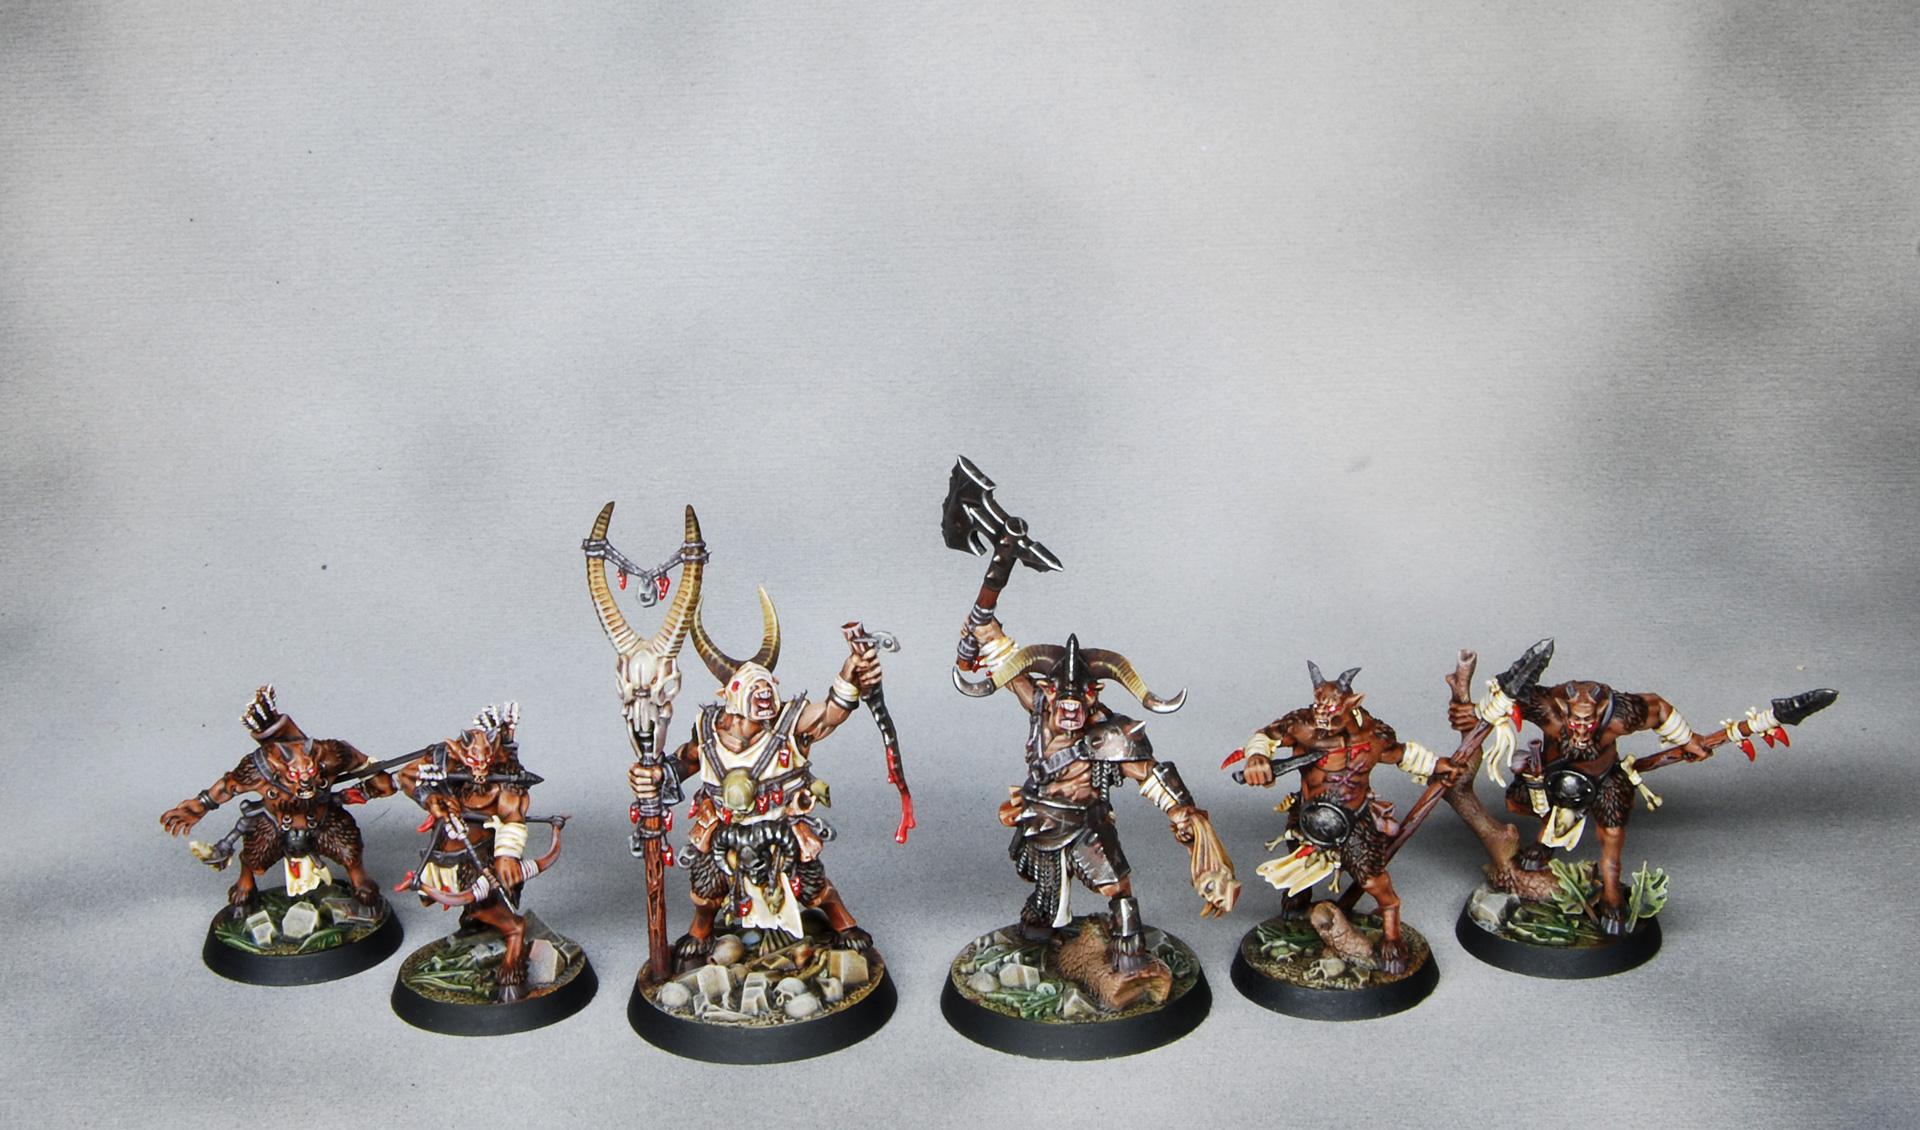 Grashrak's Despoilers